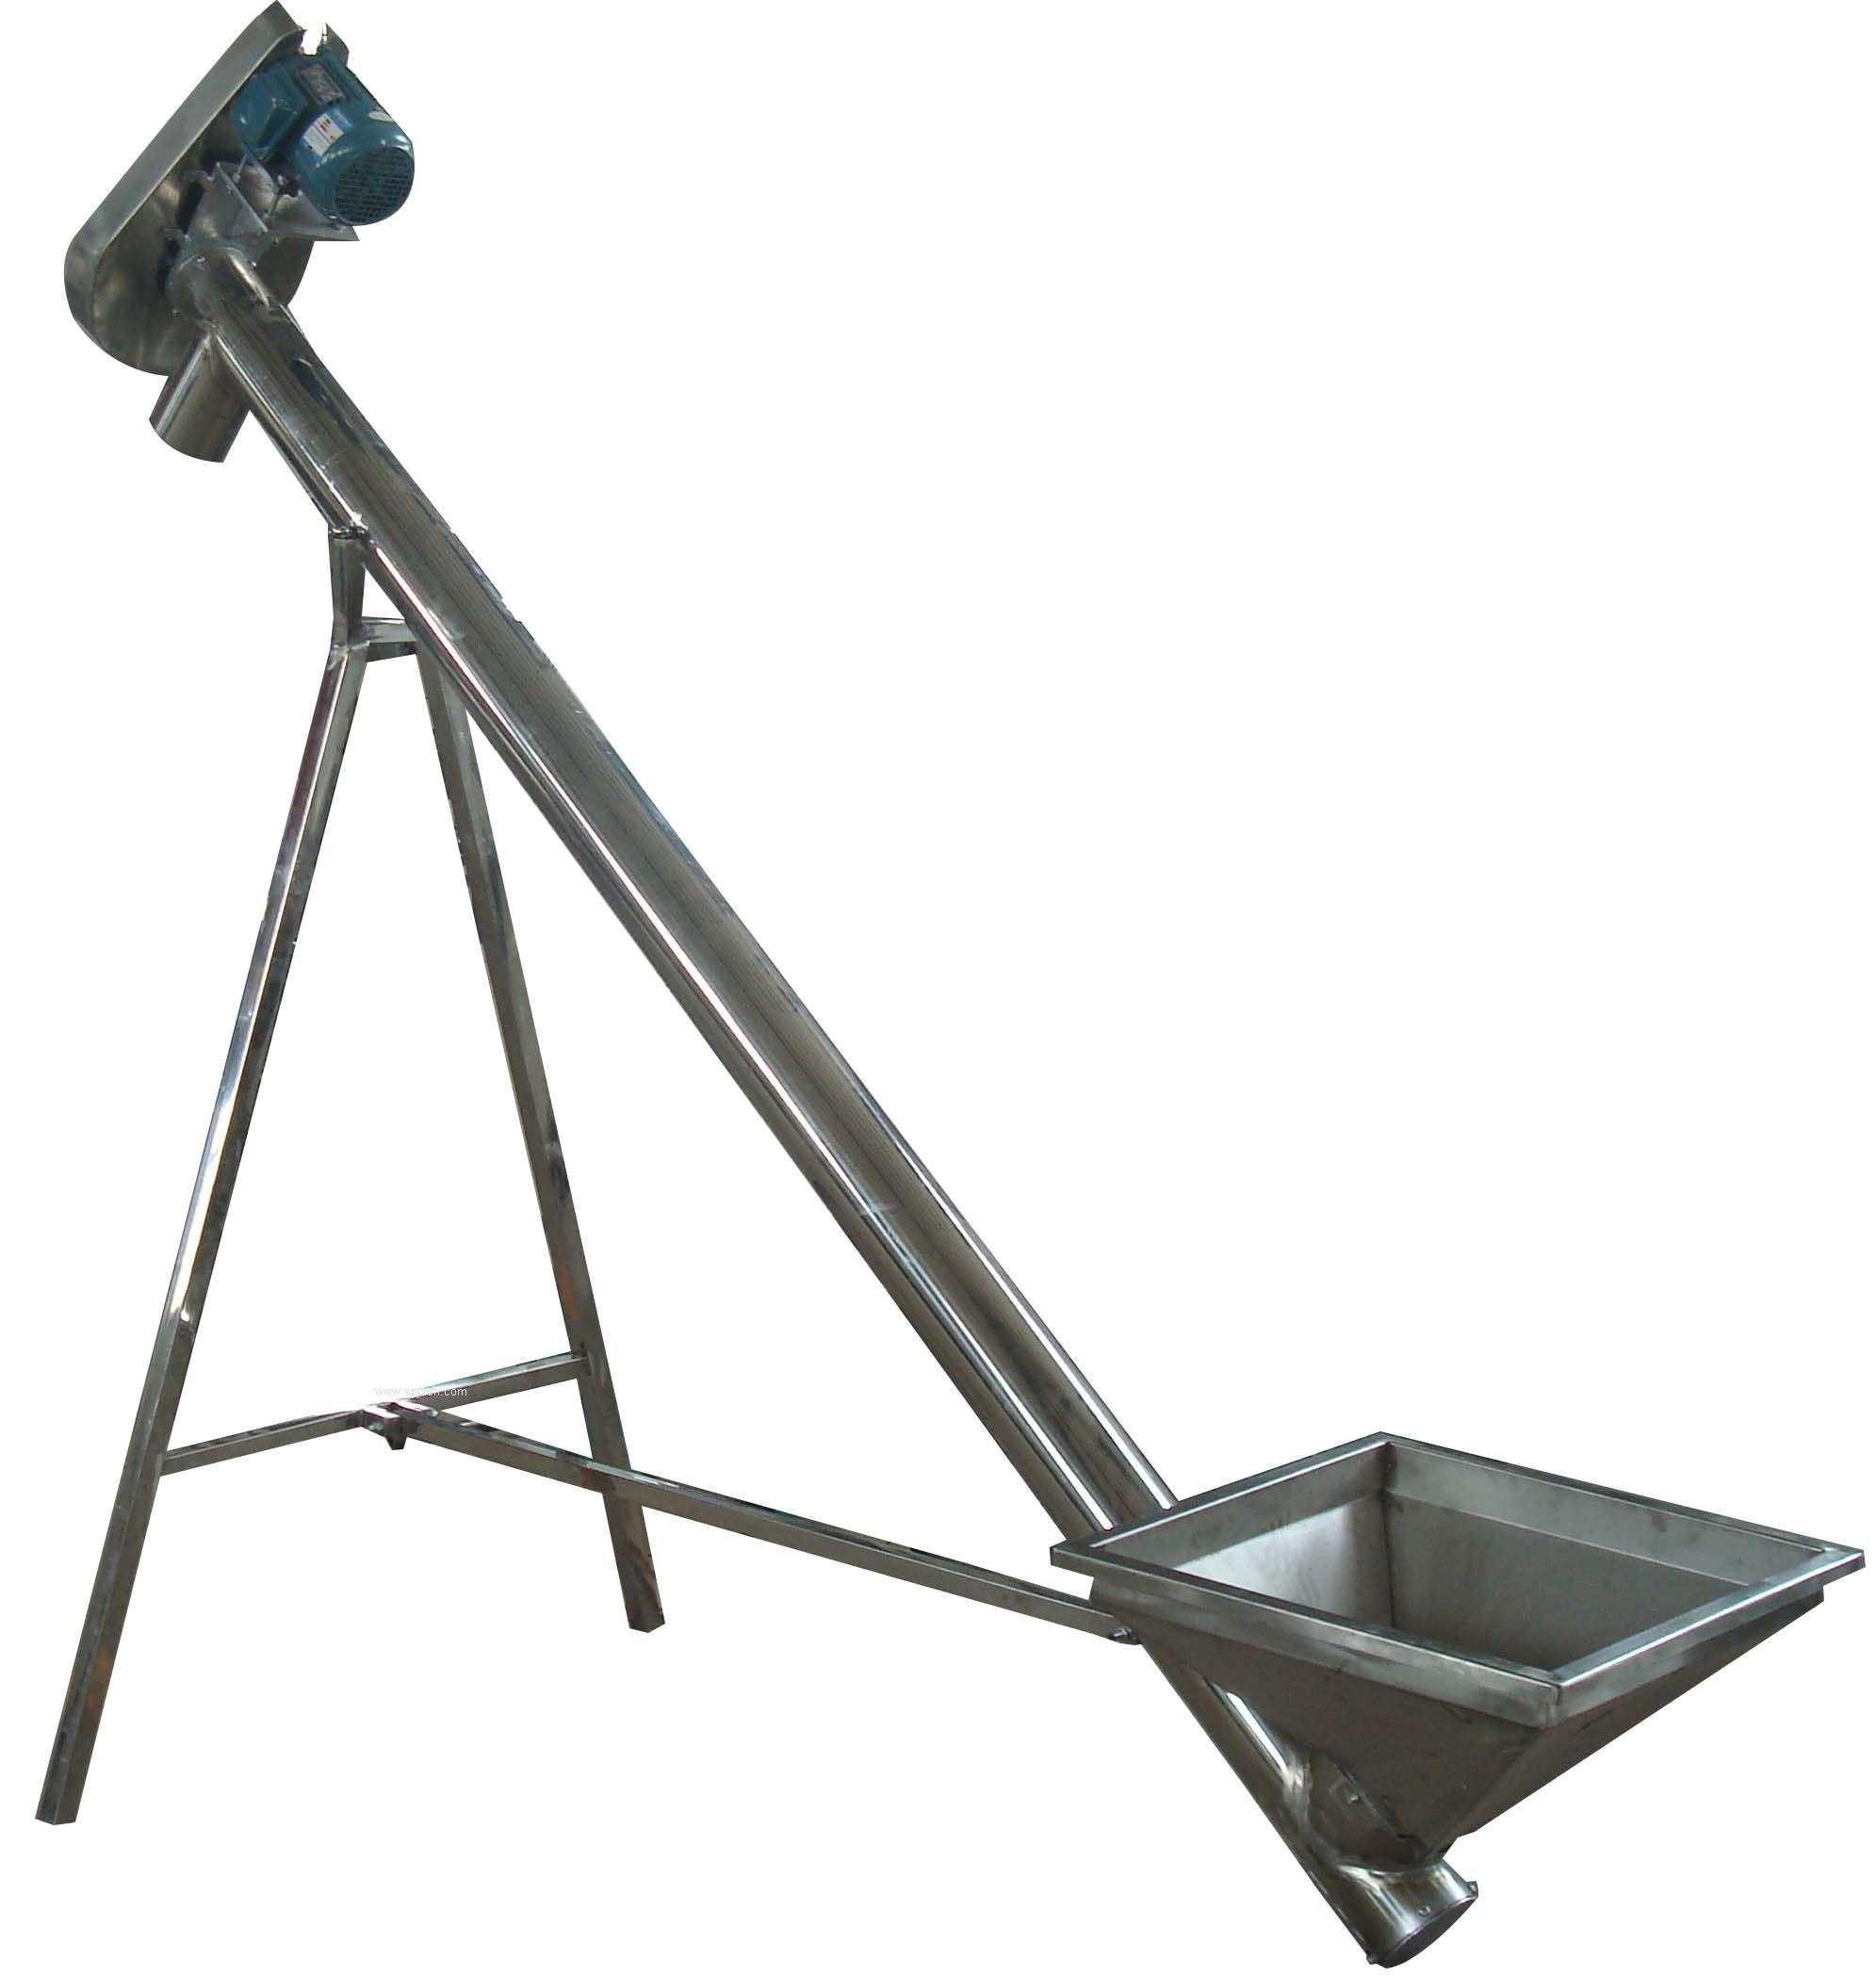 feeder usedmachinery auger keenan